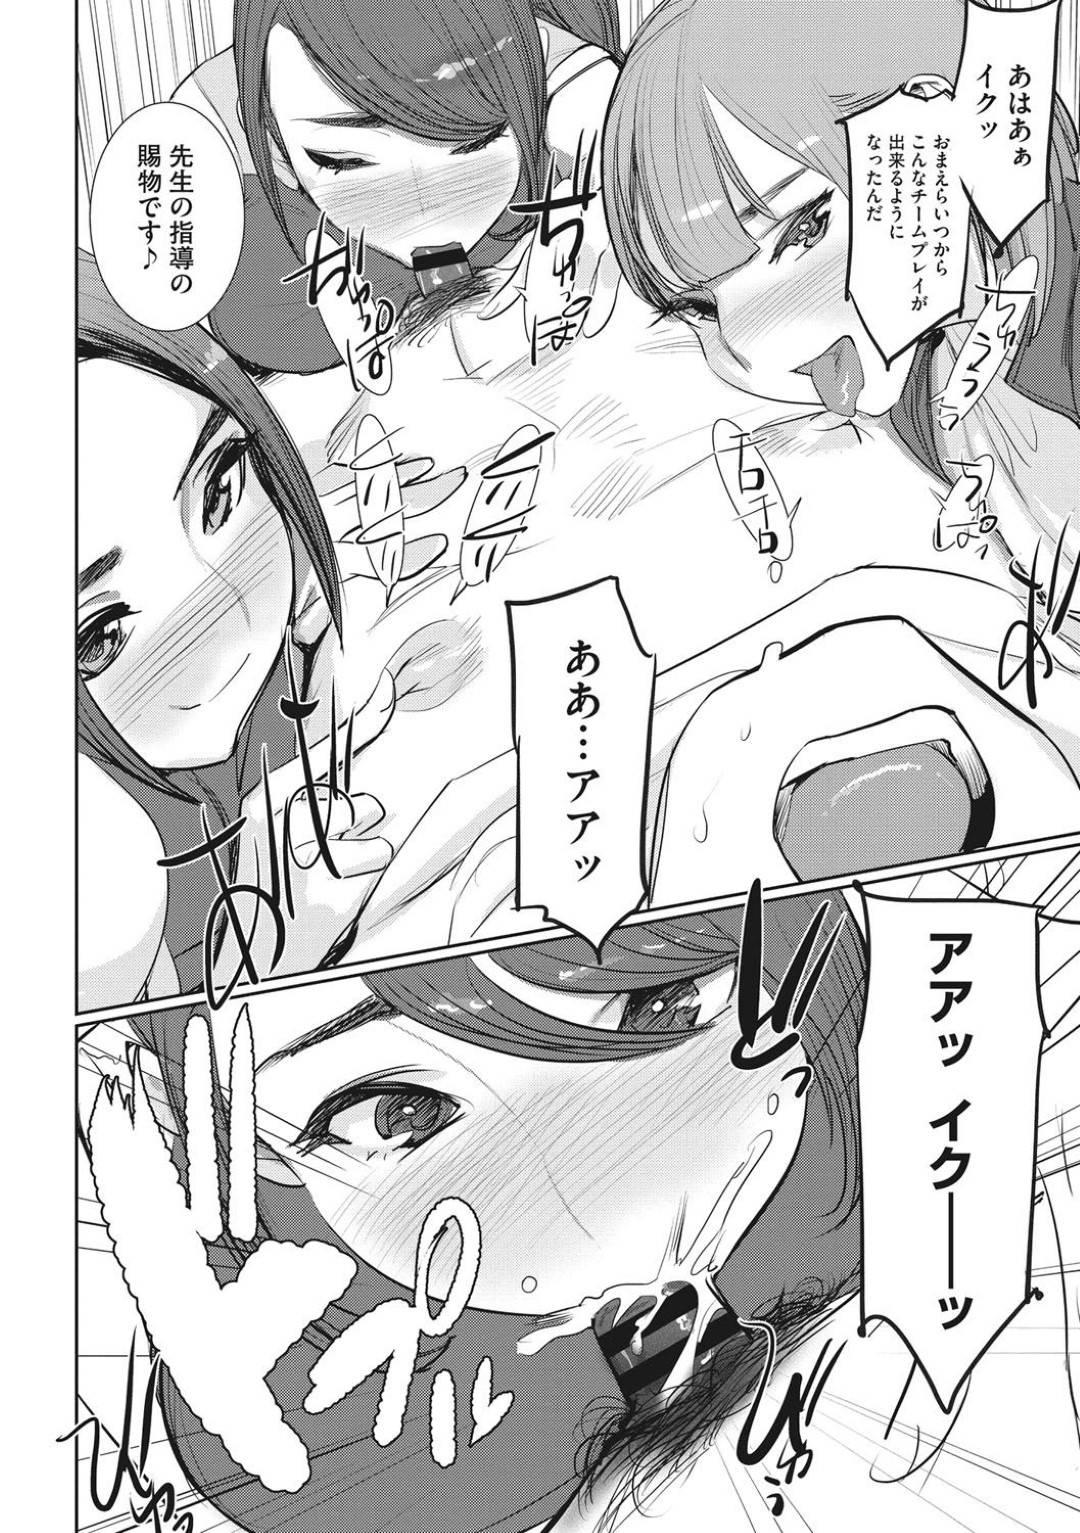 【エロ漫画】熱血バレー部のド変態ビッチすぎるコーチのことが大好きなJKたちは、中出しセックスやレズセックスをしちゃう!【DYTM/熱血バレー部一直線!!】